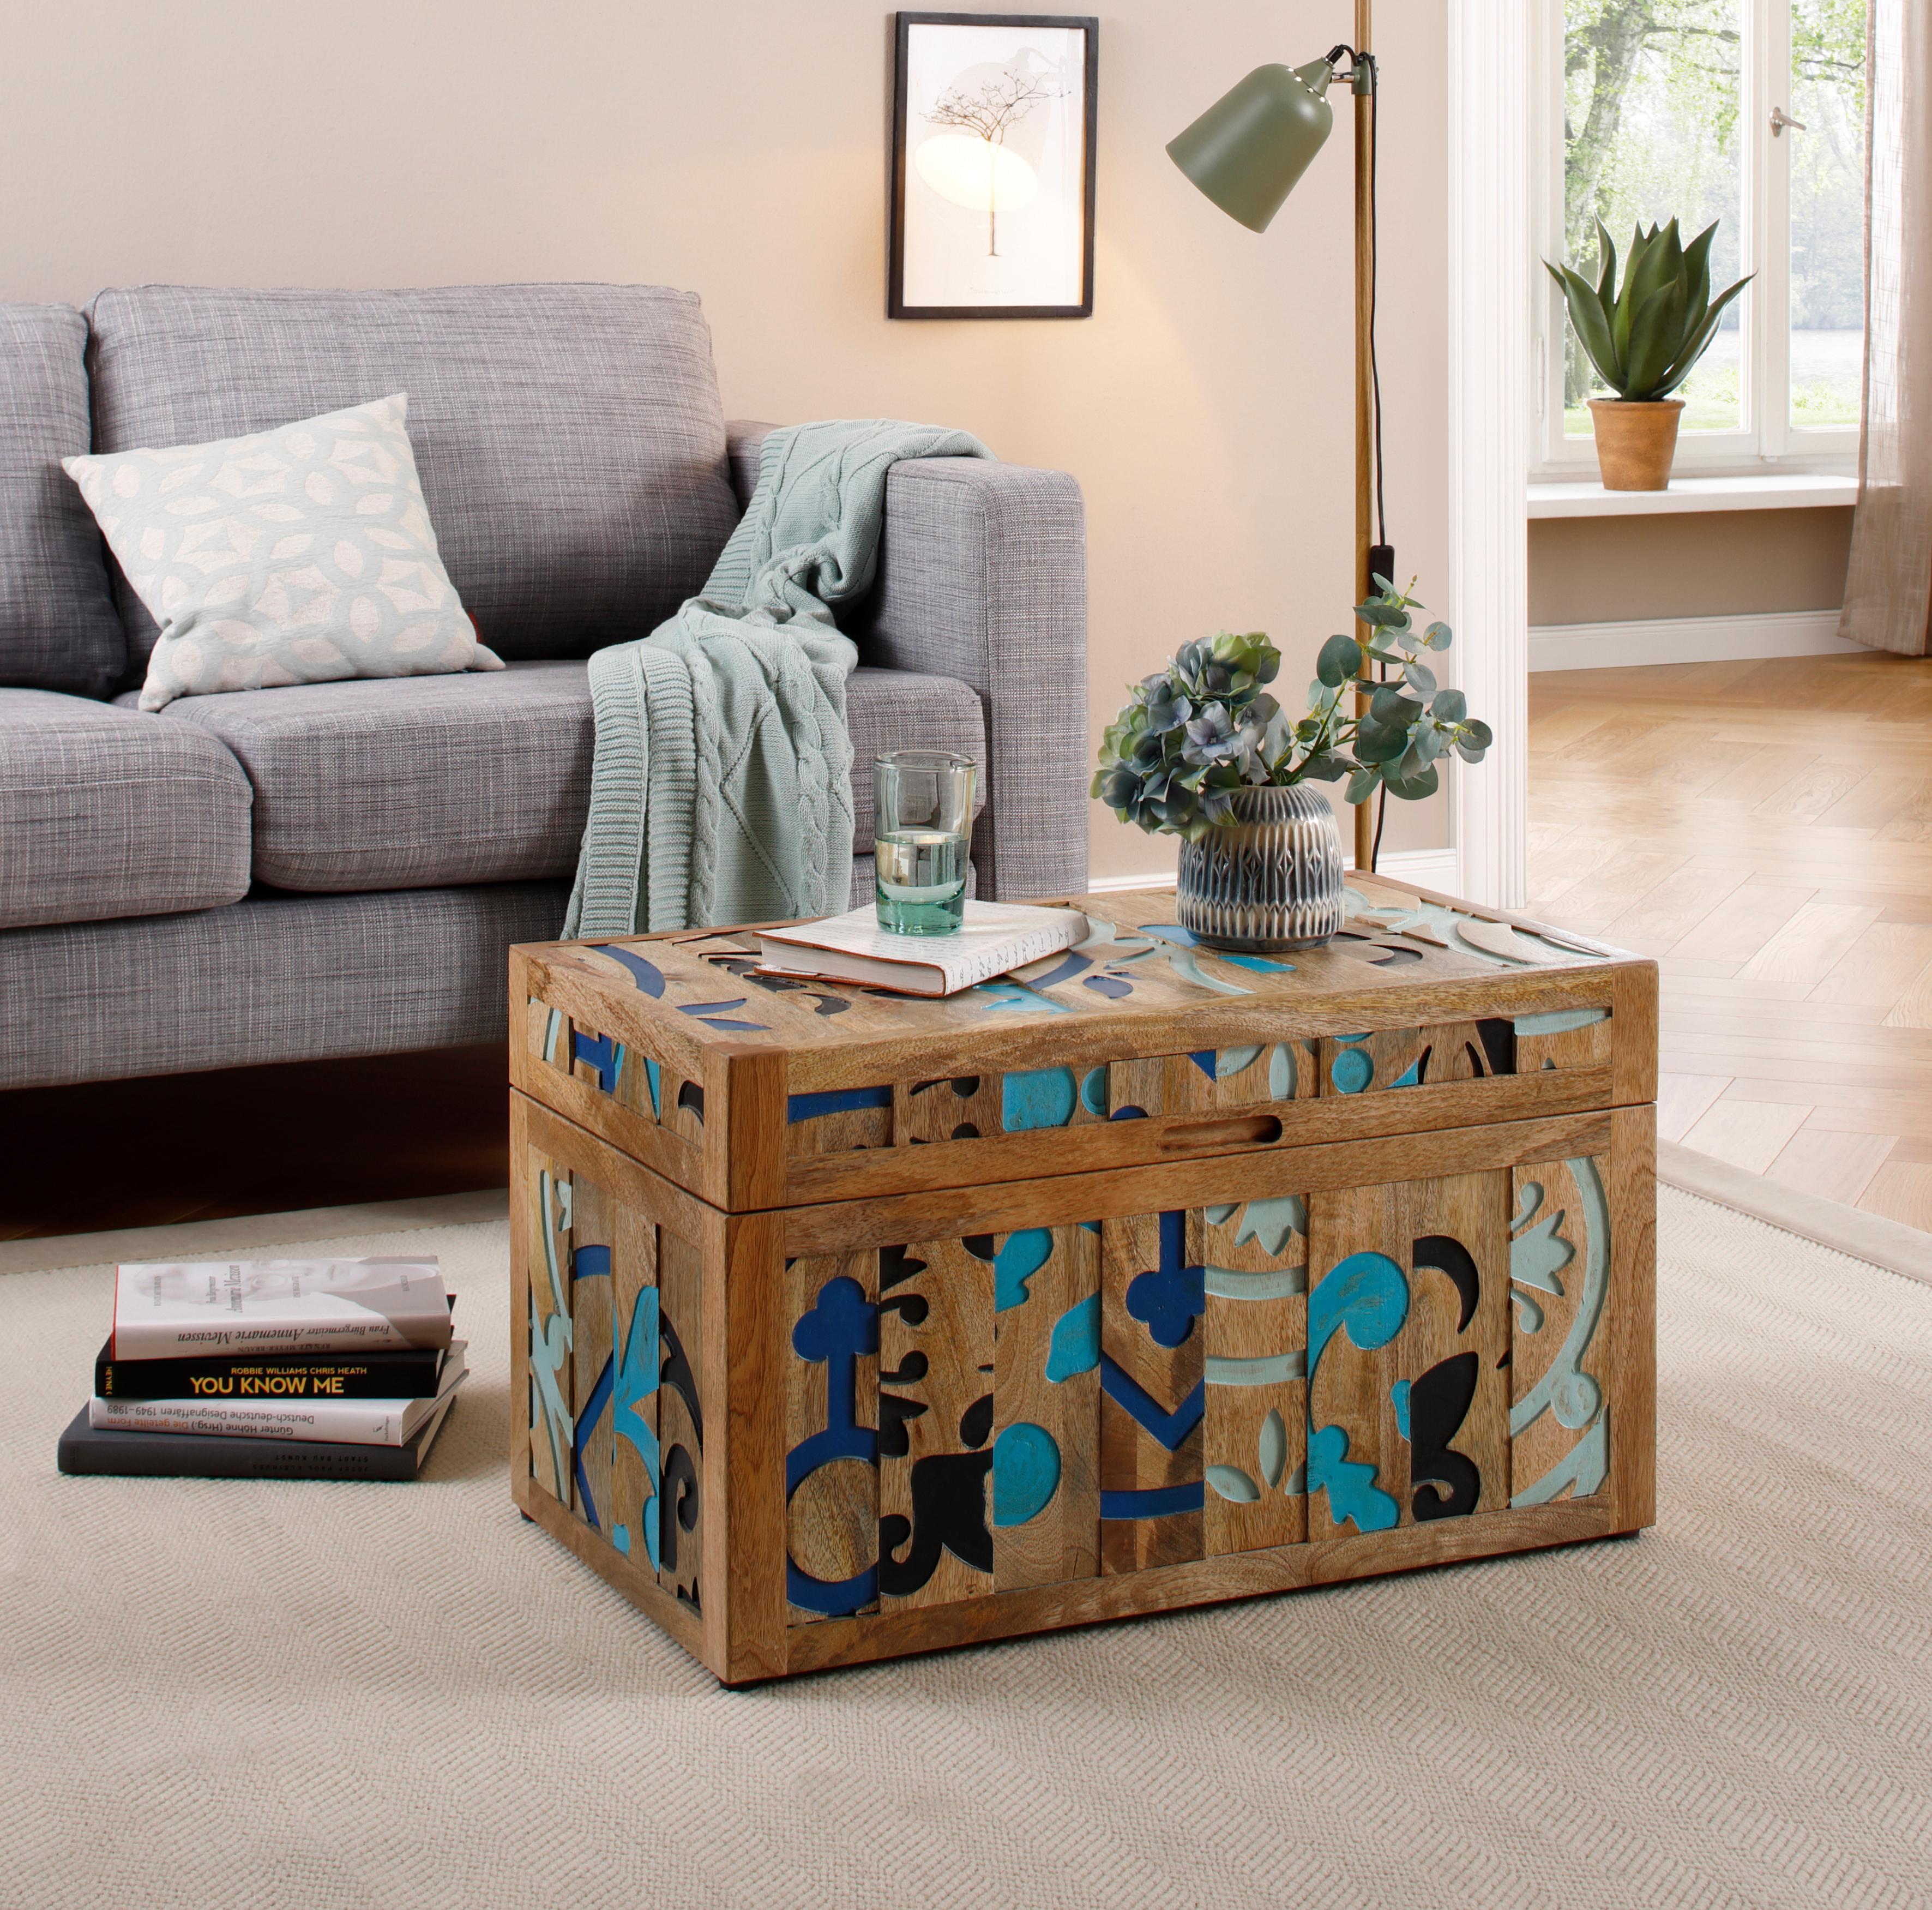 Home affaire Truhentisch »Layer«, aus massivem Mangoholz, mit detailreichen Ornamentenmuster auf dem Korpus, Breite 70 cm | Wohnzimmer > Tische > Truhentische | Braun | HOME AFFAIRE